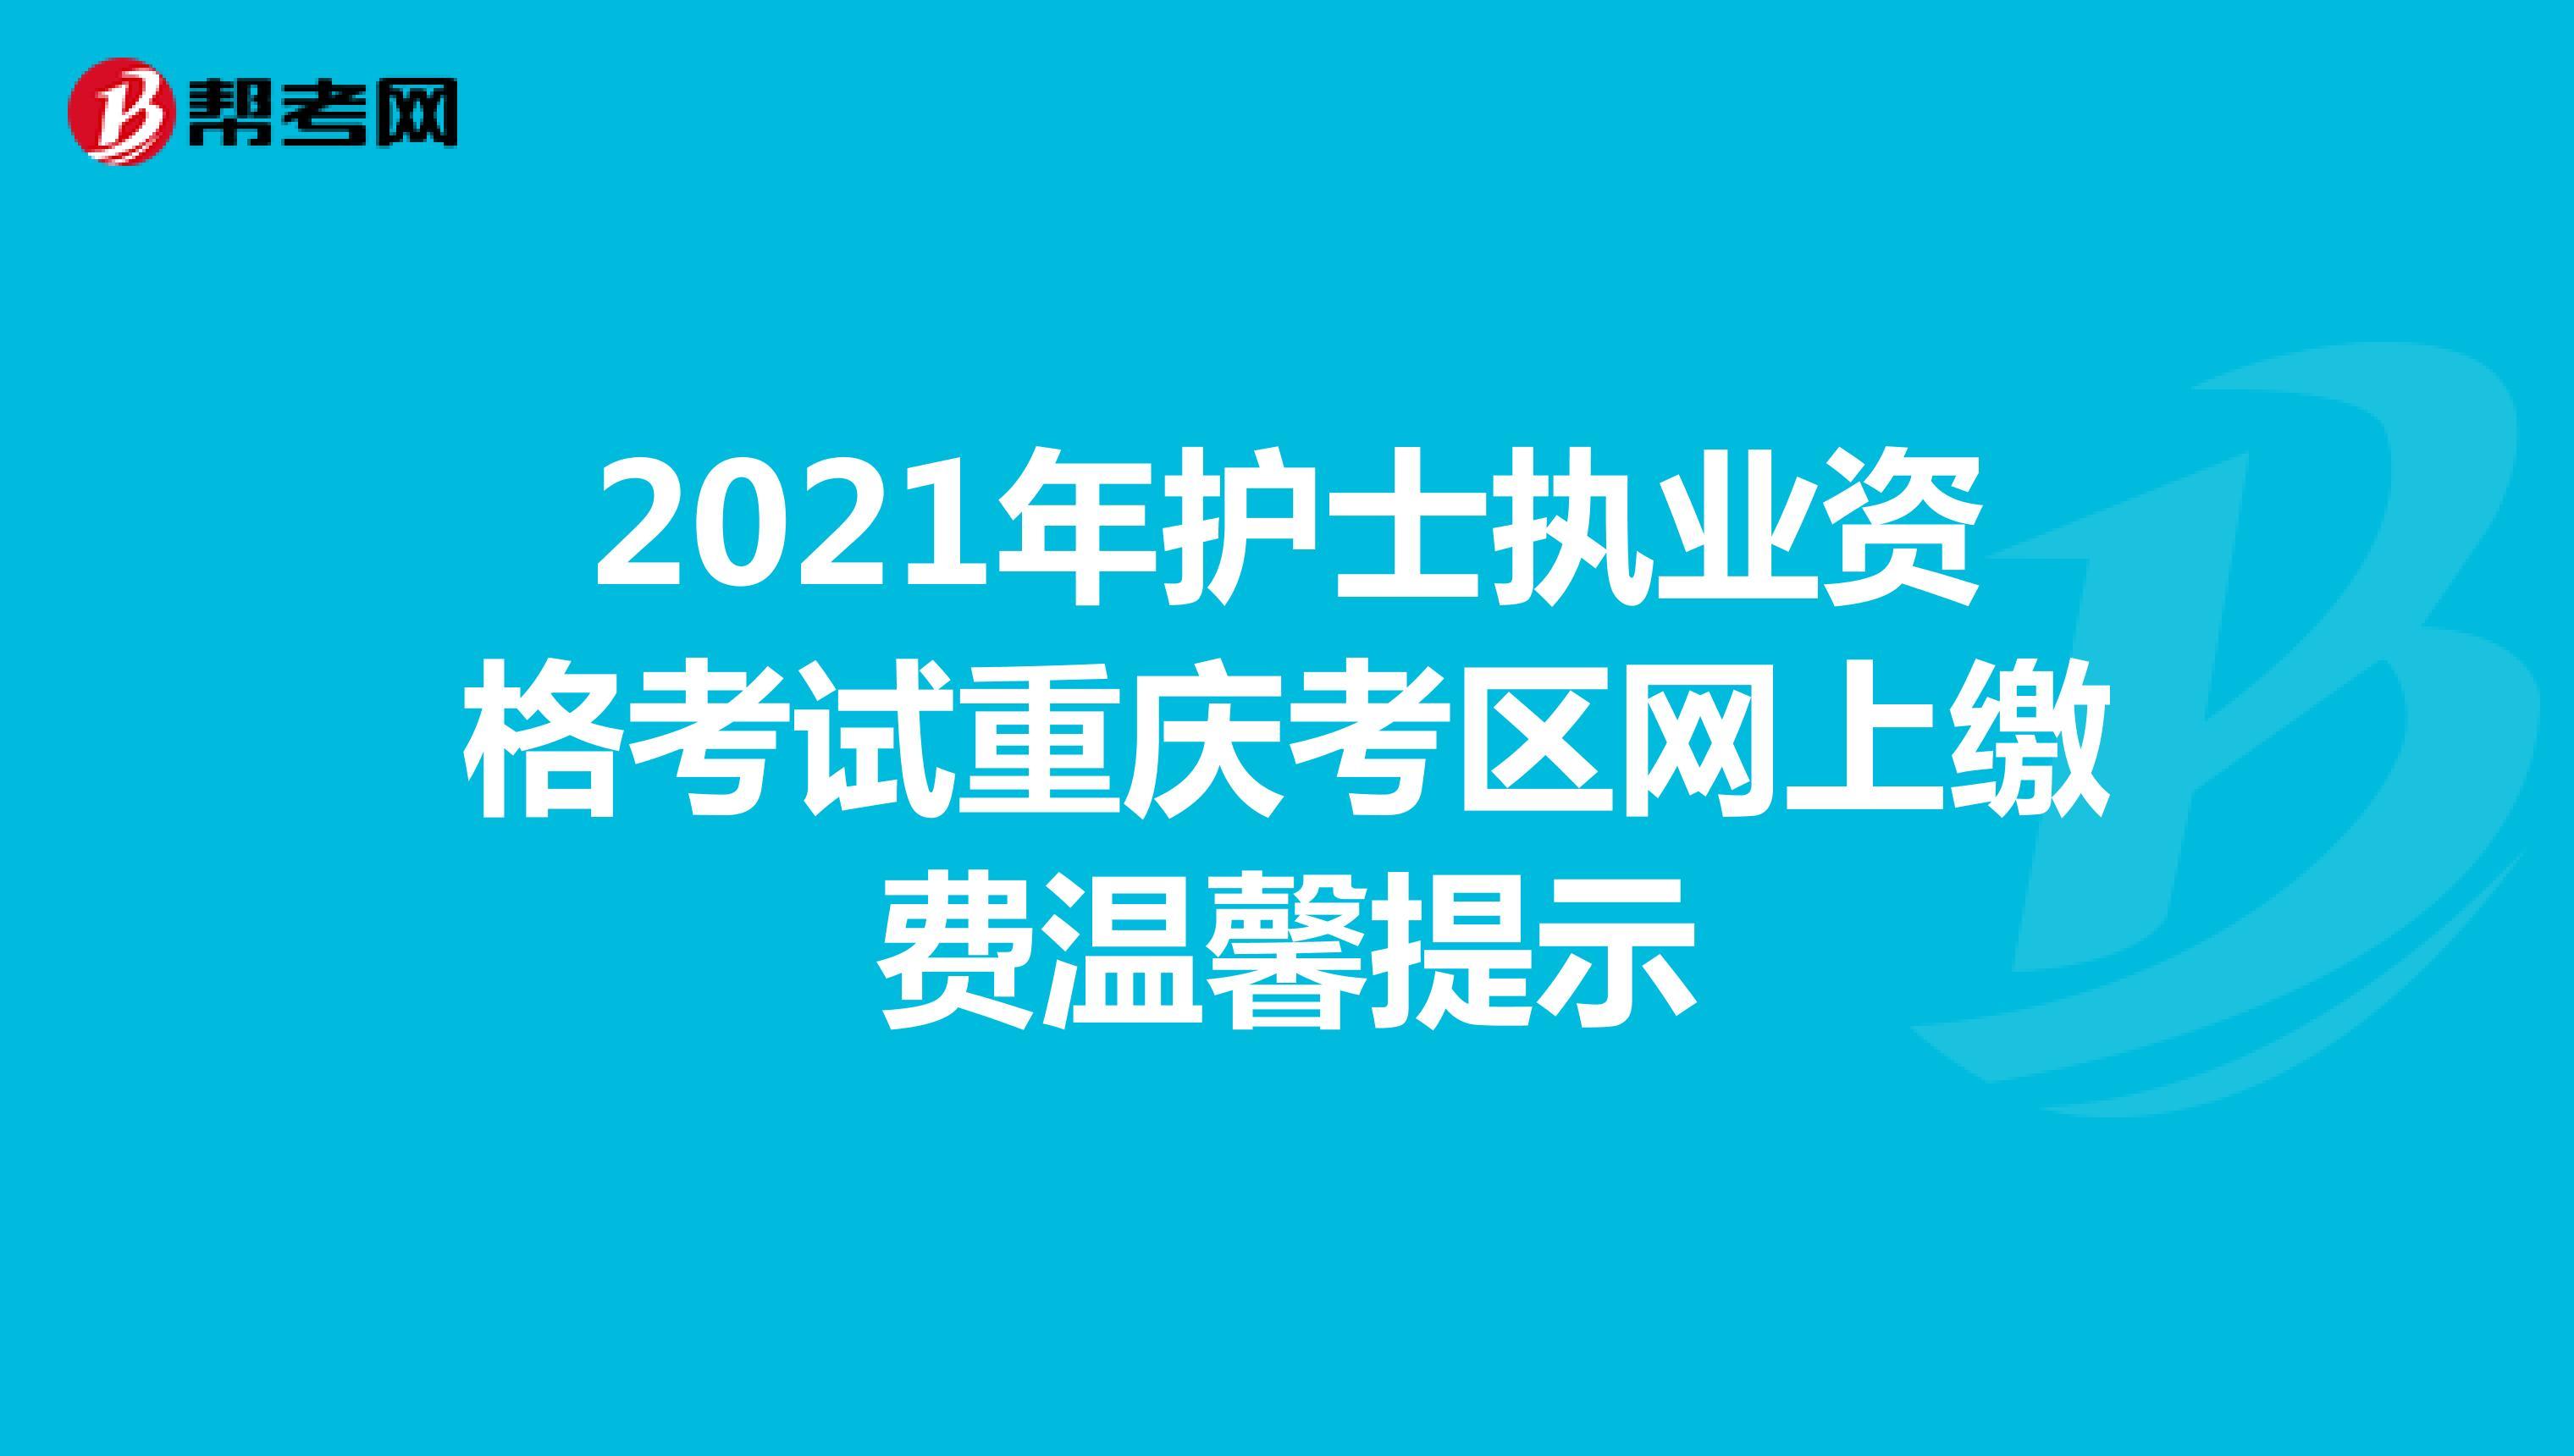 2021年護士執業資格考試重慶考區網上繳費溫馨提示